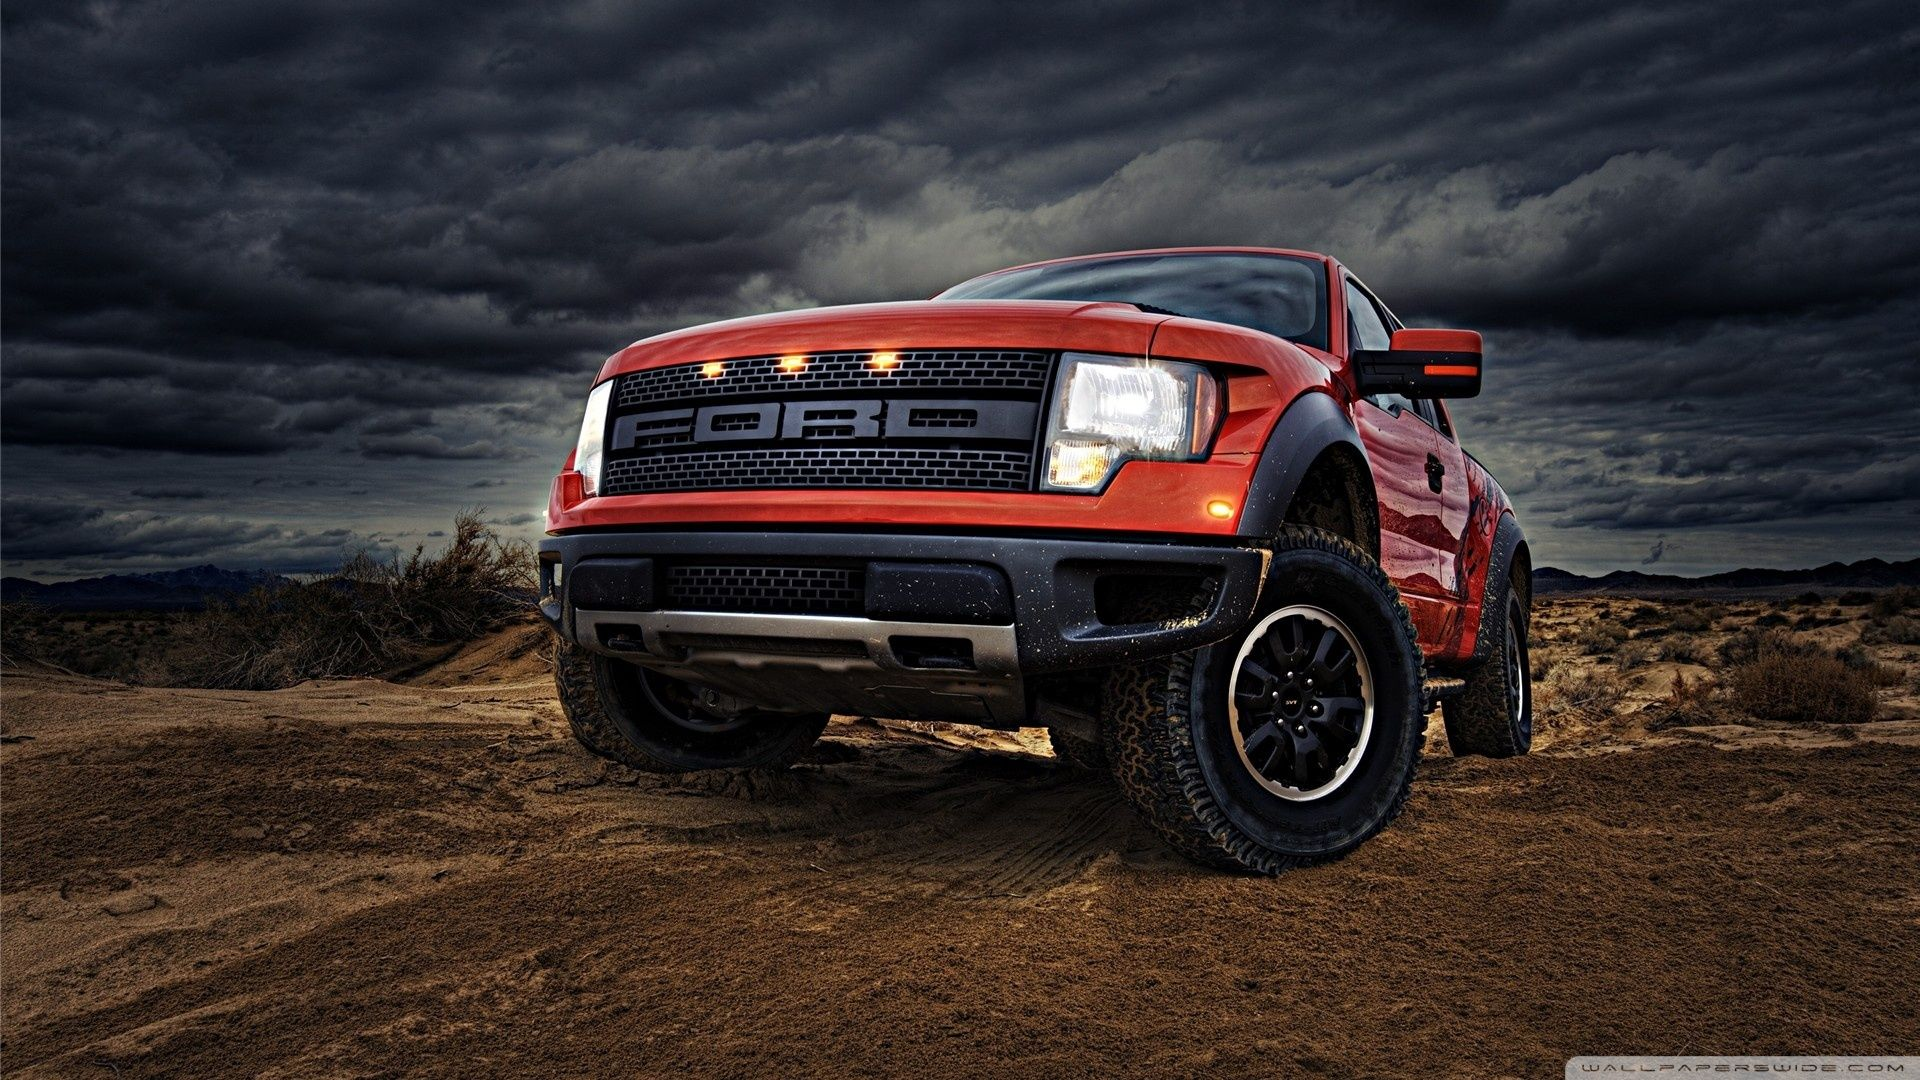 Ford F 150 Raptor Hd Wallpaper Ford Raptor Ford Raptor Truck Ford Raptor Svt